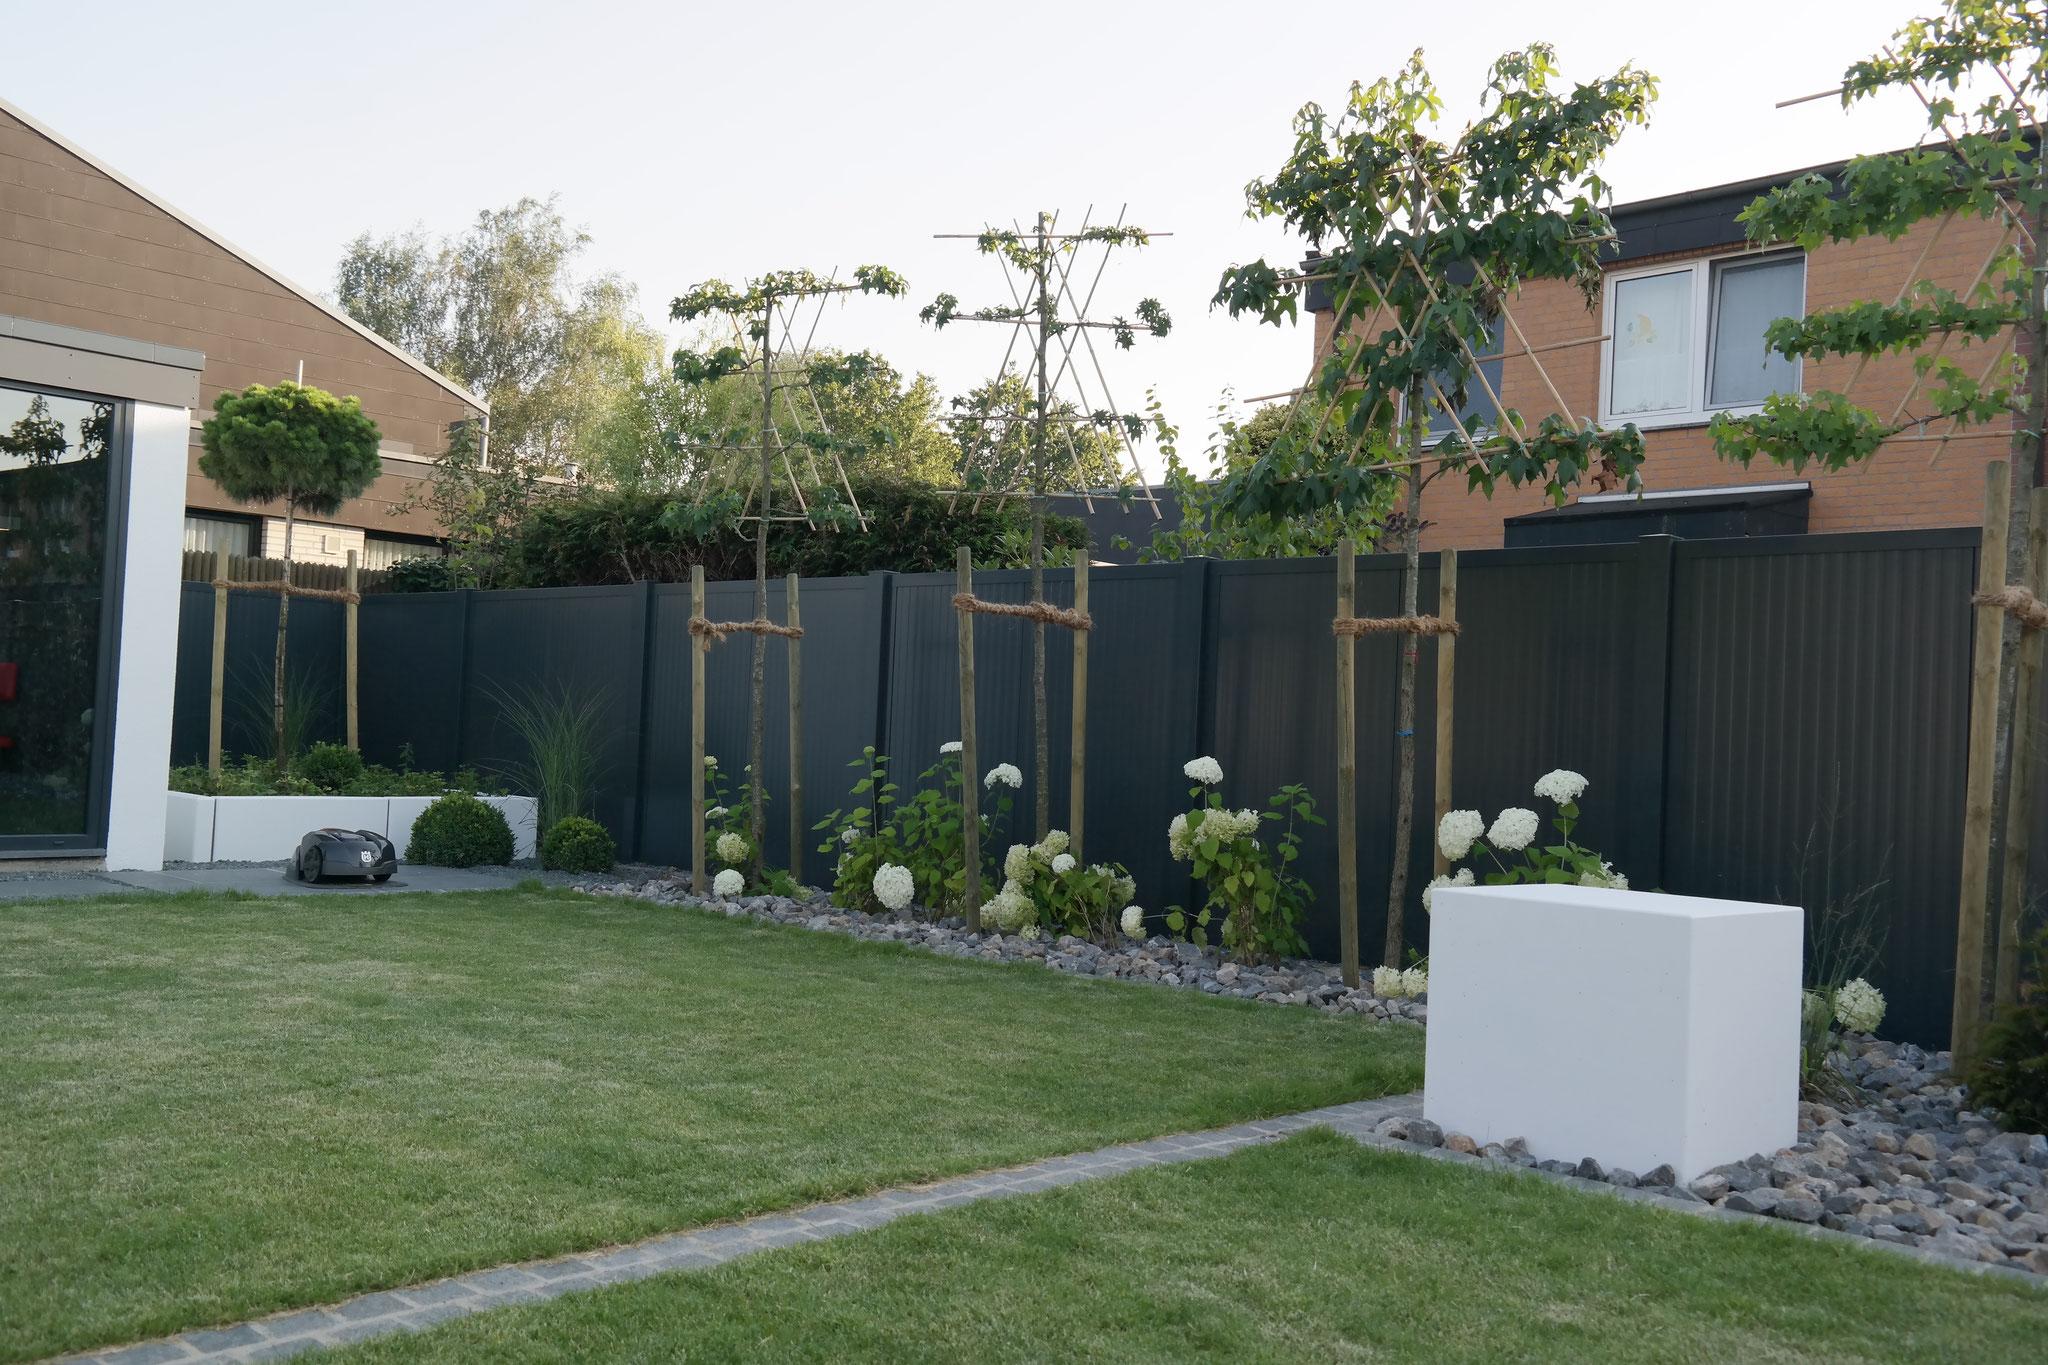 Schön Garten Modern Ideen